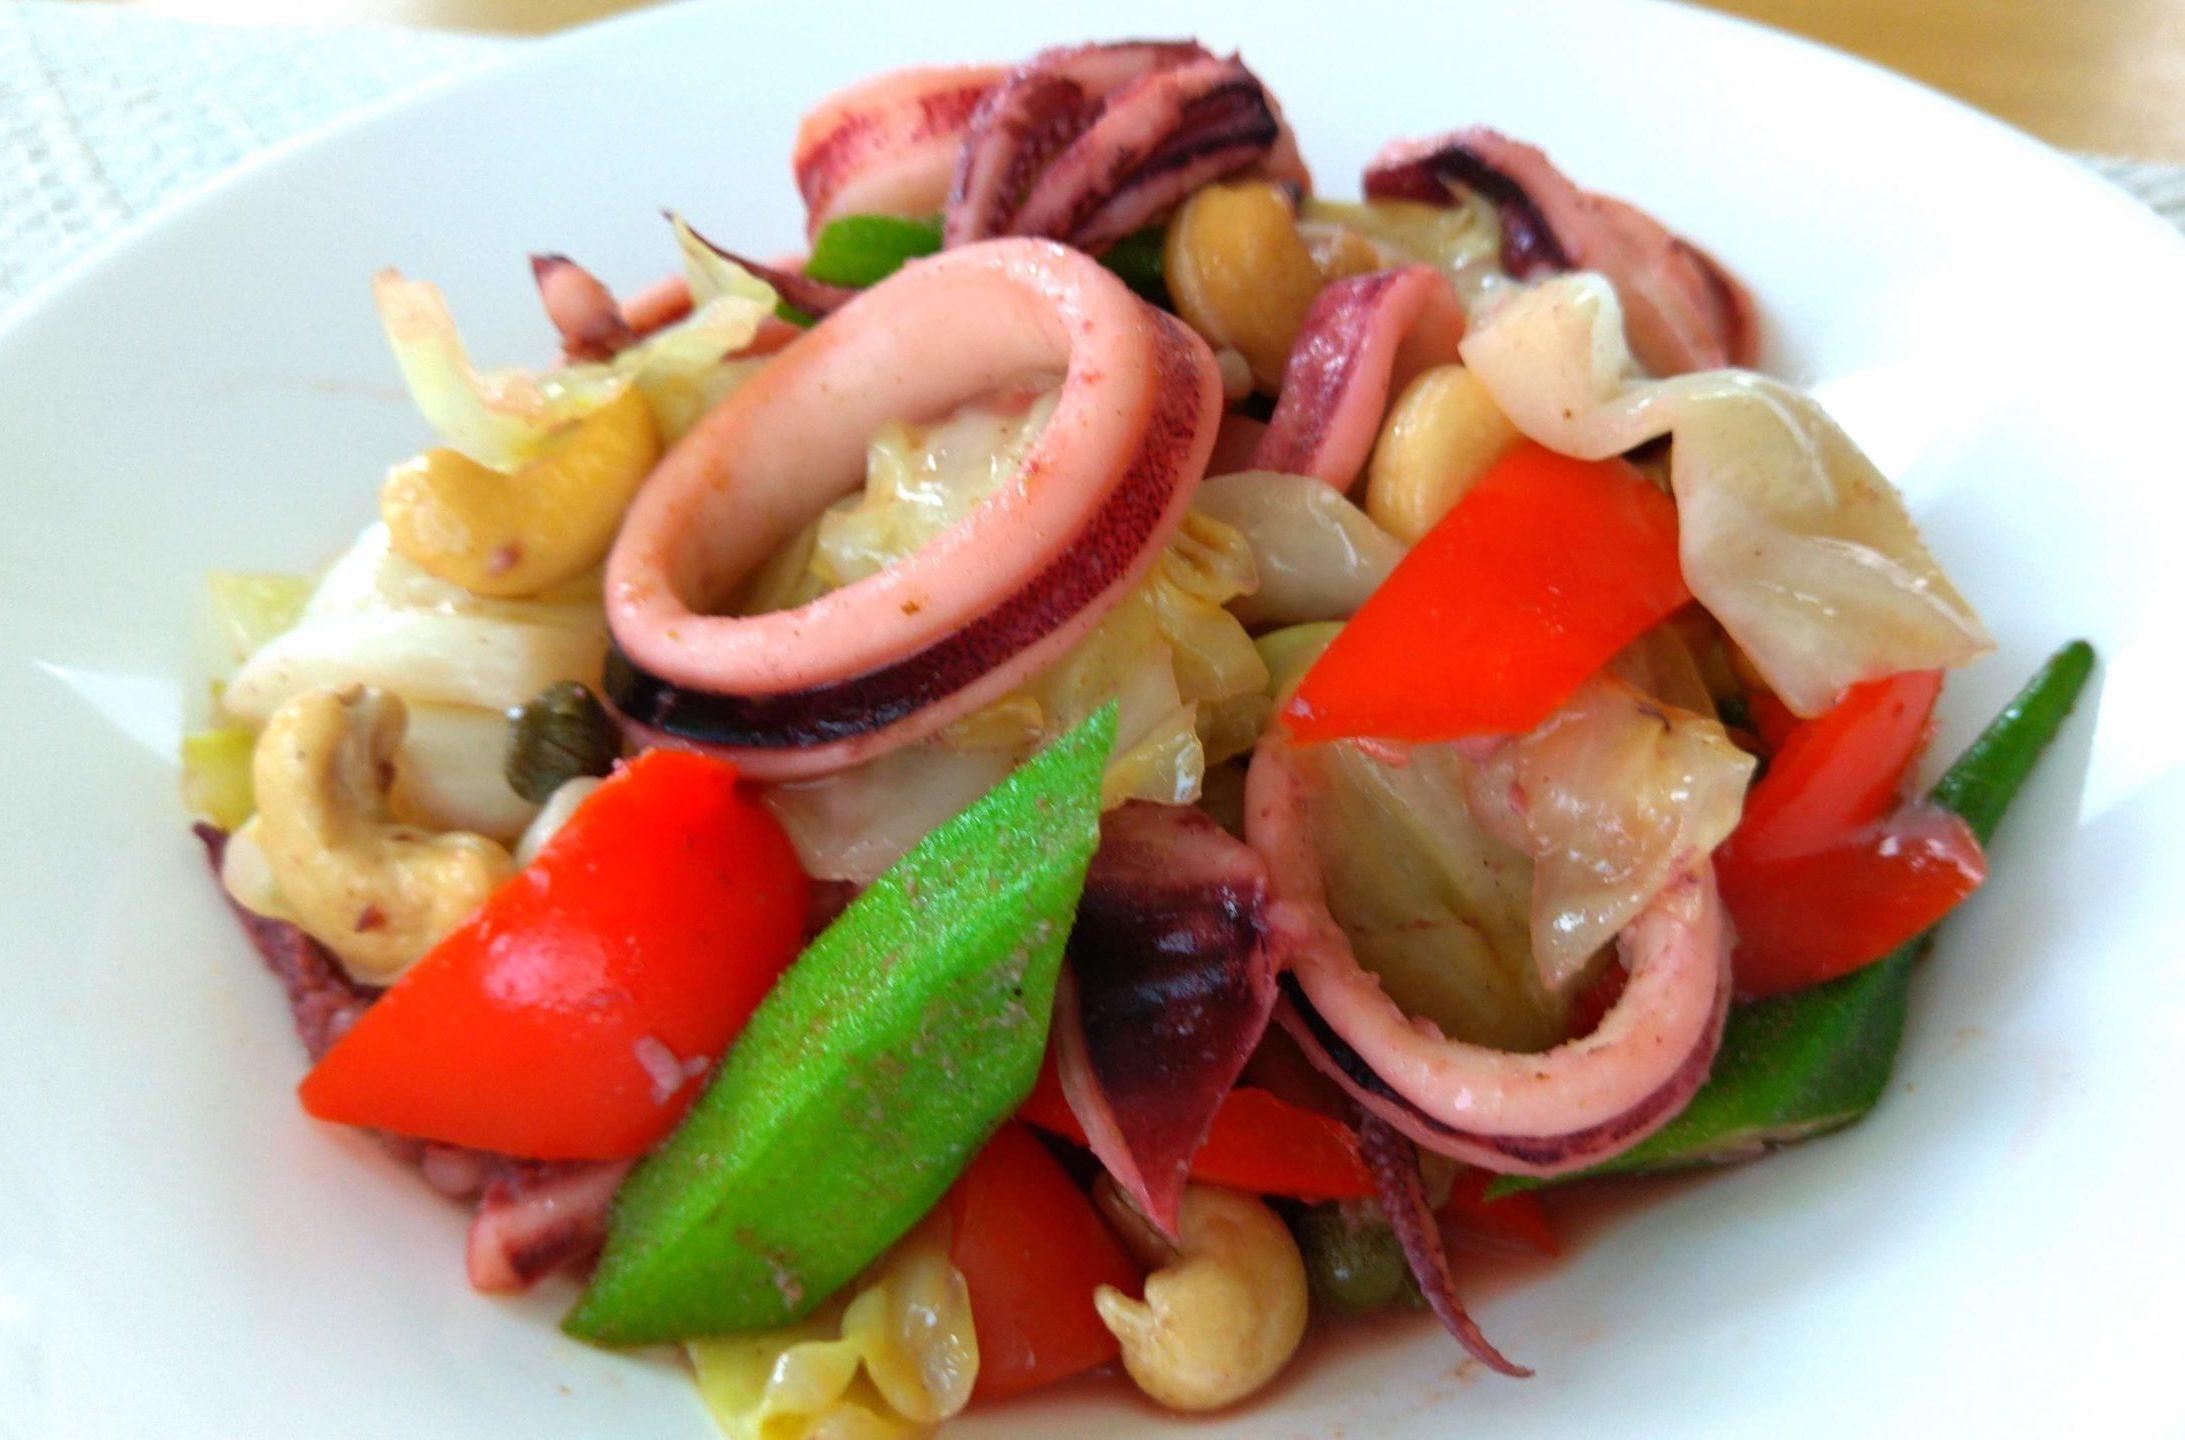 イカと夏野菜の炒めもの